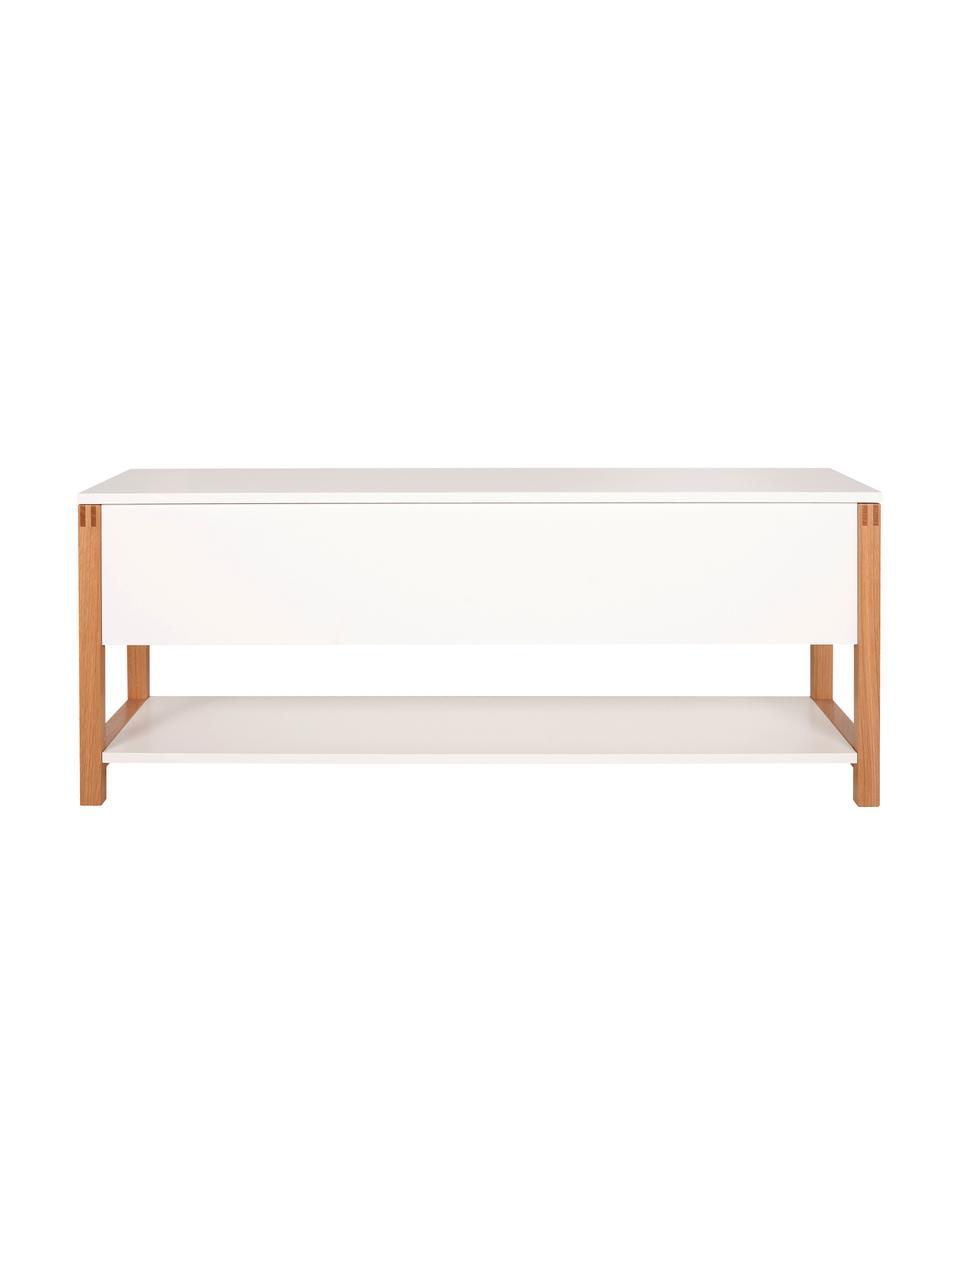 Garderobenbank Northgate mit Stauraum, Rahmen: Eichenholz, Weiß, 120 x 48 cm